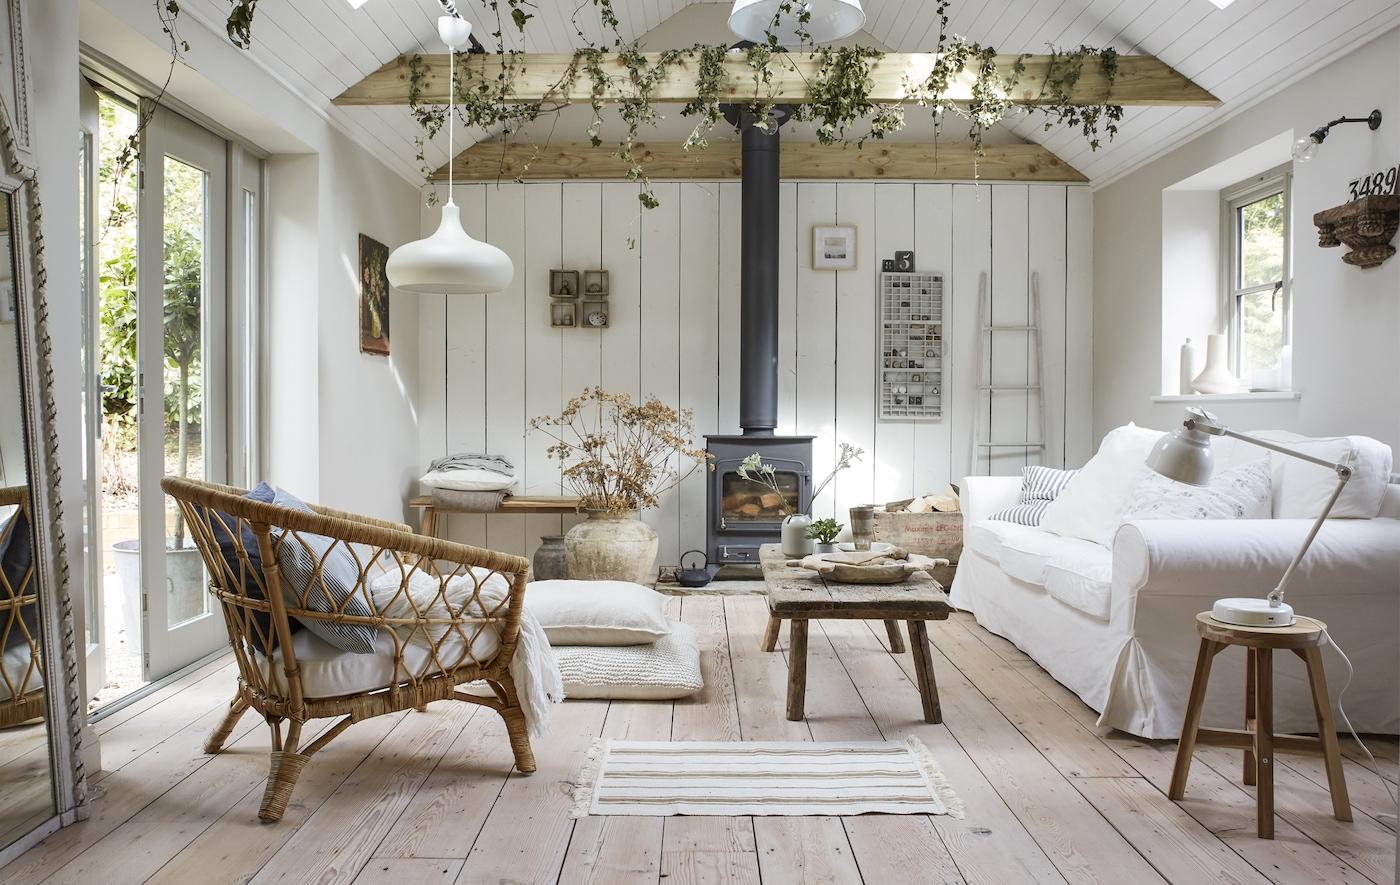 Salon de couleur claire décoré d'un canapé blanc et d'une chaise en osier, avec poutres et planchers en bois.